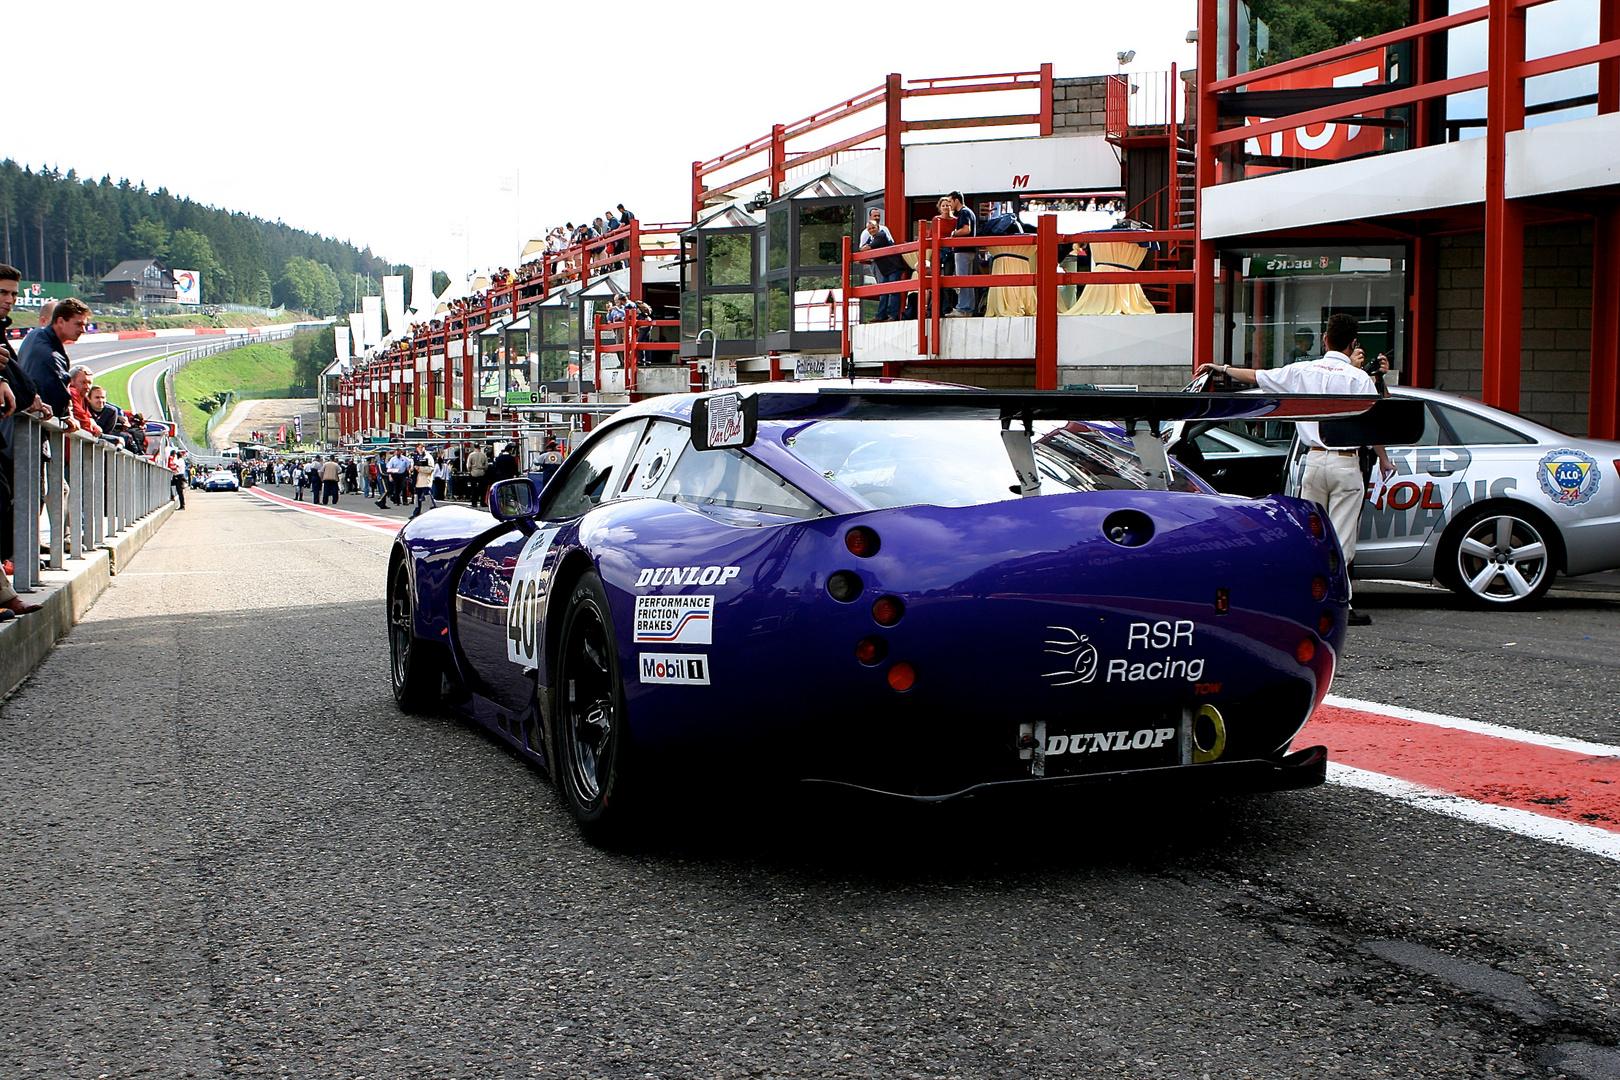 TVR Tuscan 400 R aus dem Team Lawrence Tomlinson (Eigentümer von Ginetta Cars)